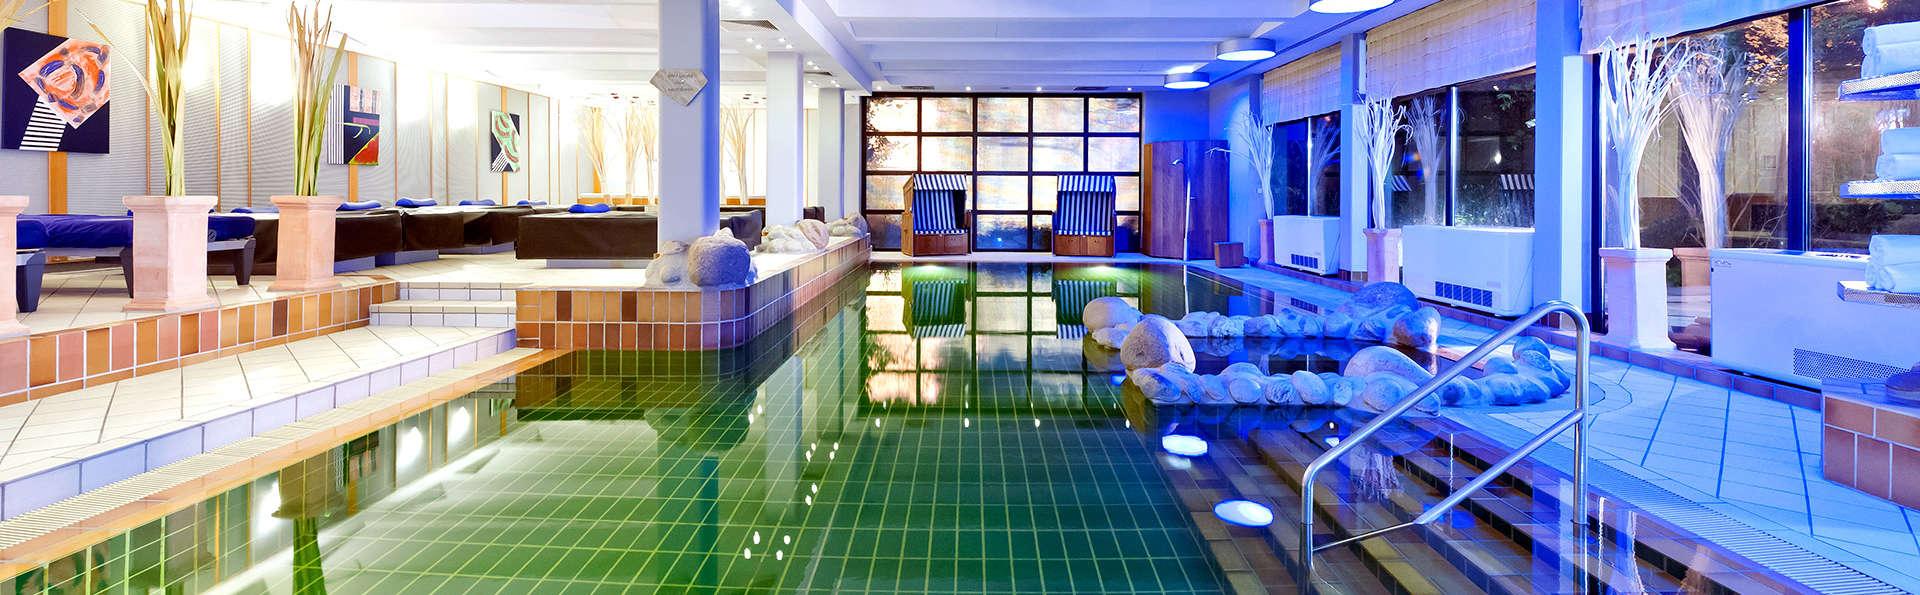 Relájate en un hotel de 4* con piscina en Mönchengladbach